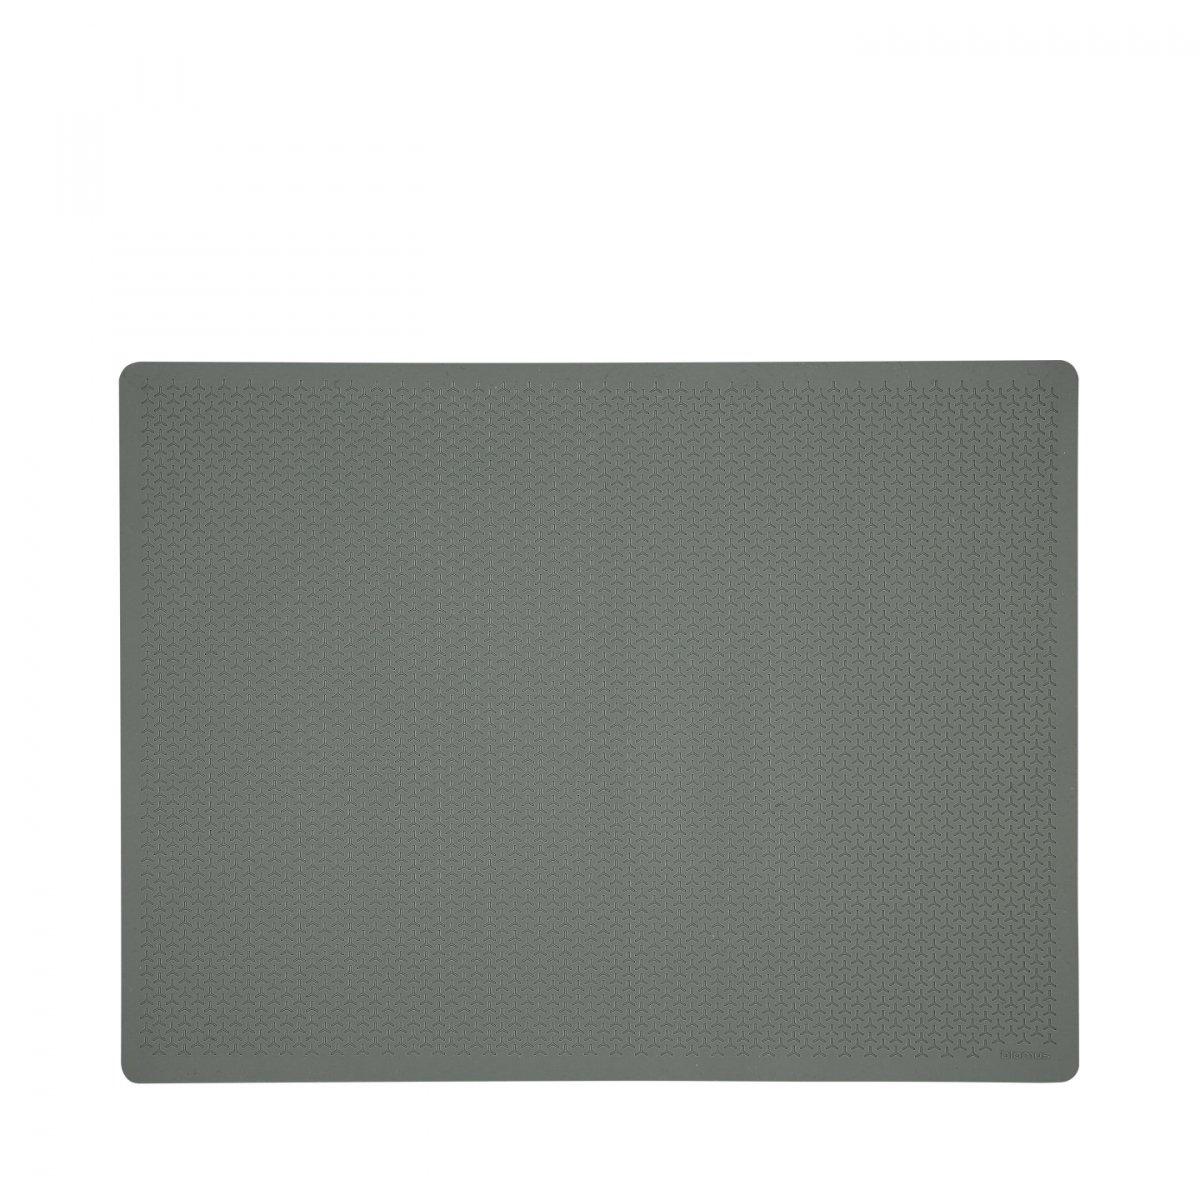 Blomus Flip Silikonowa Podkładka Na Stół Agave Green Najlepsze Opinie I Ceny Sklep Designforhome Pl